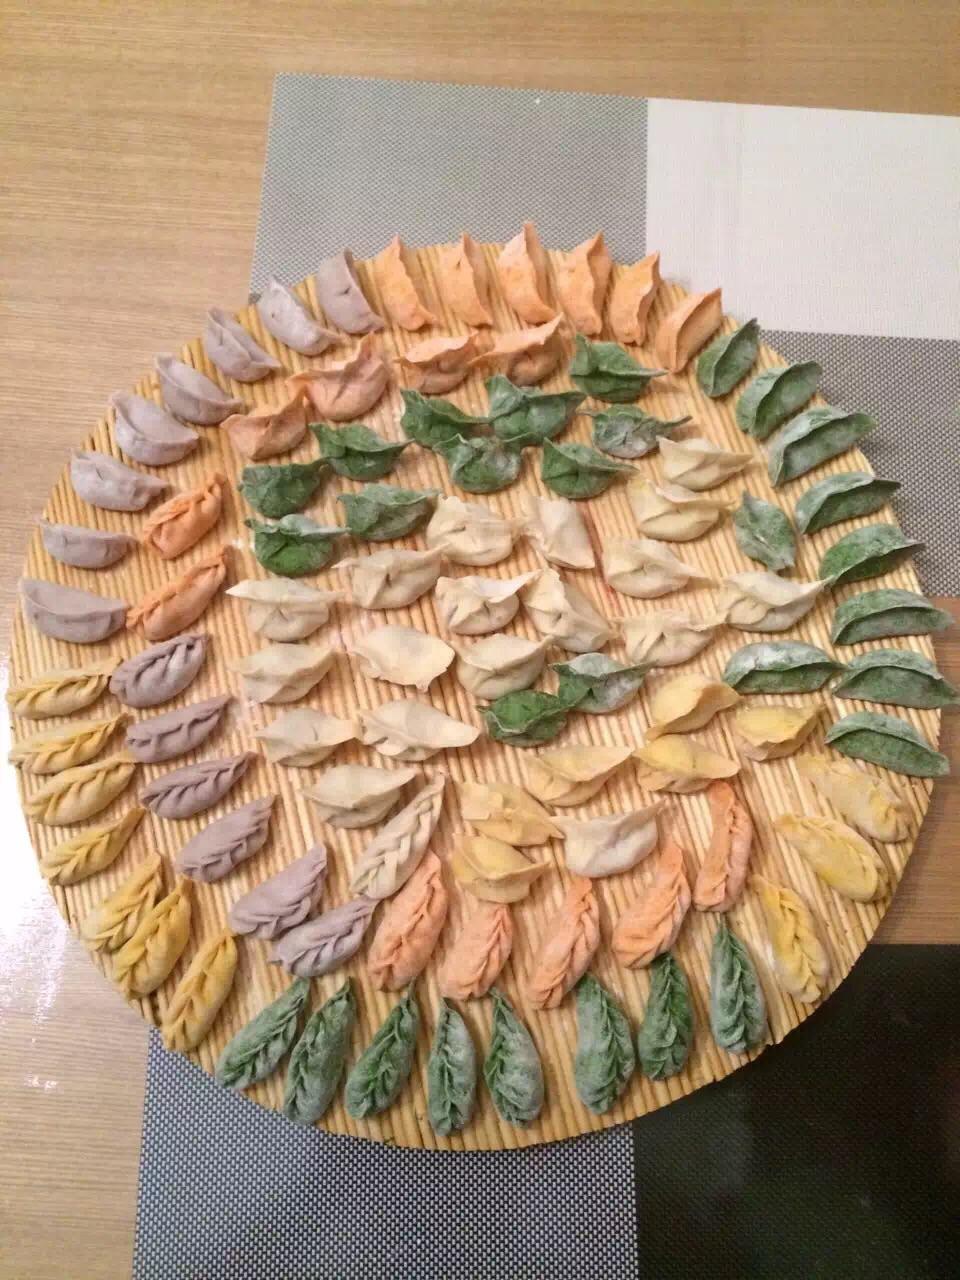 彩色饺子的做法_【图解】彩色饺子怎么做如何做好吃